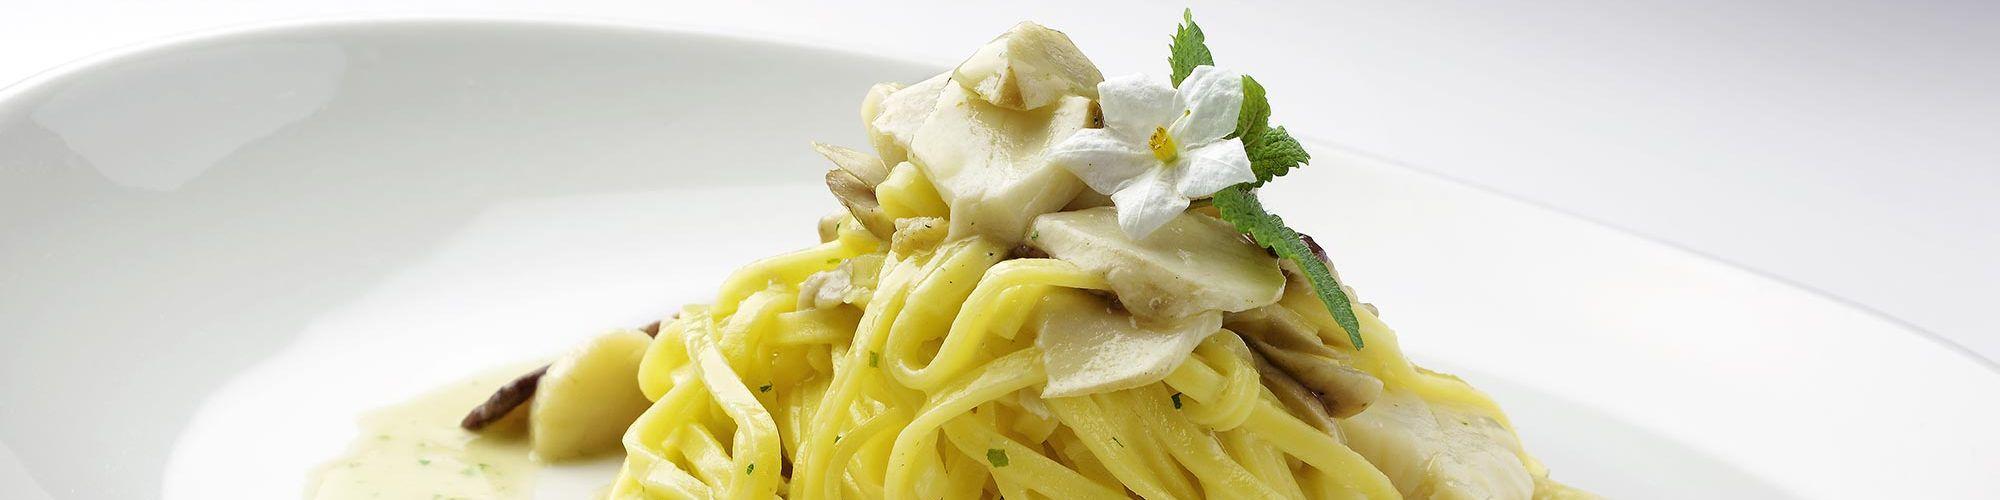 ricetta Tagliolini con capesante e funghi con pasta fresca